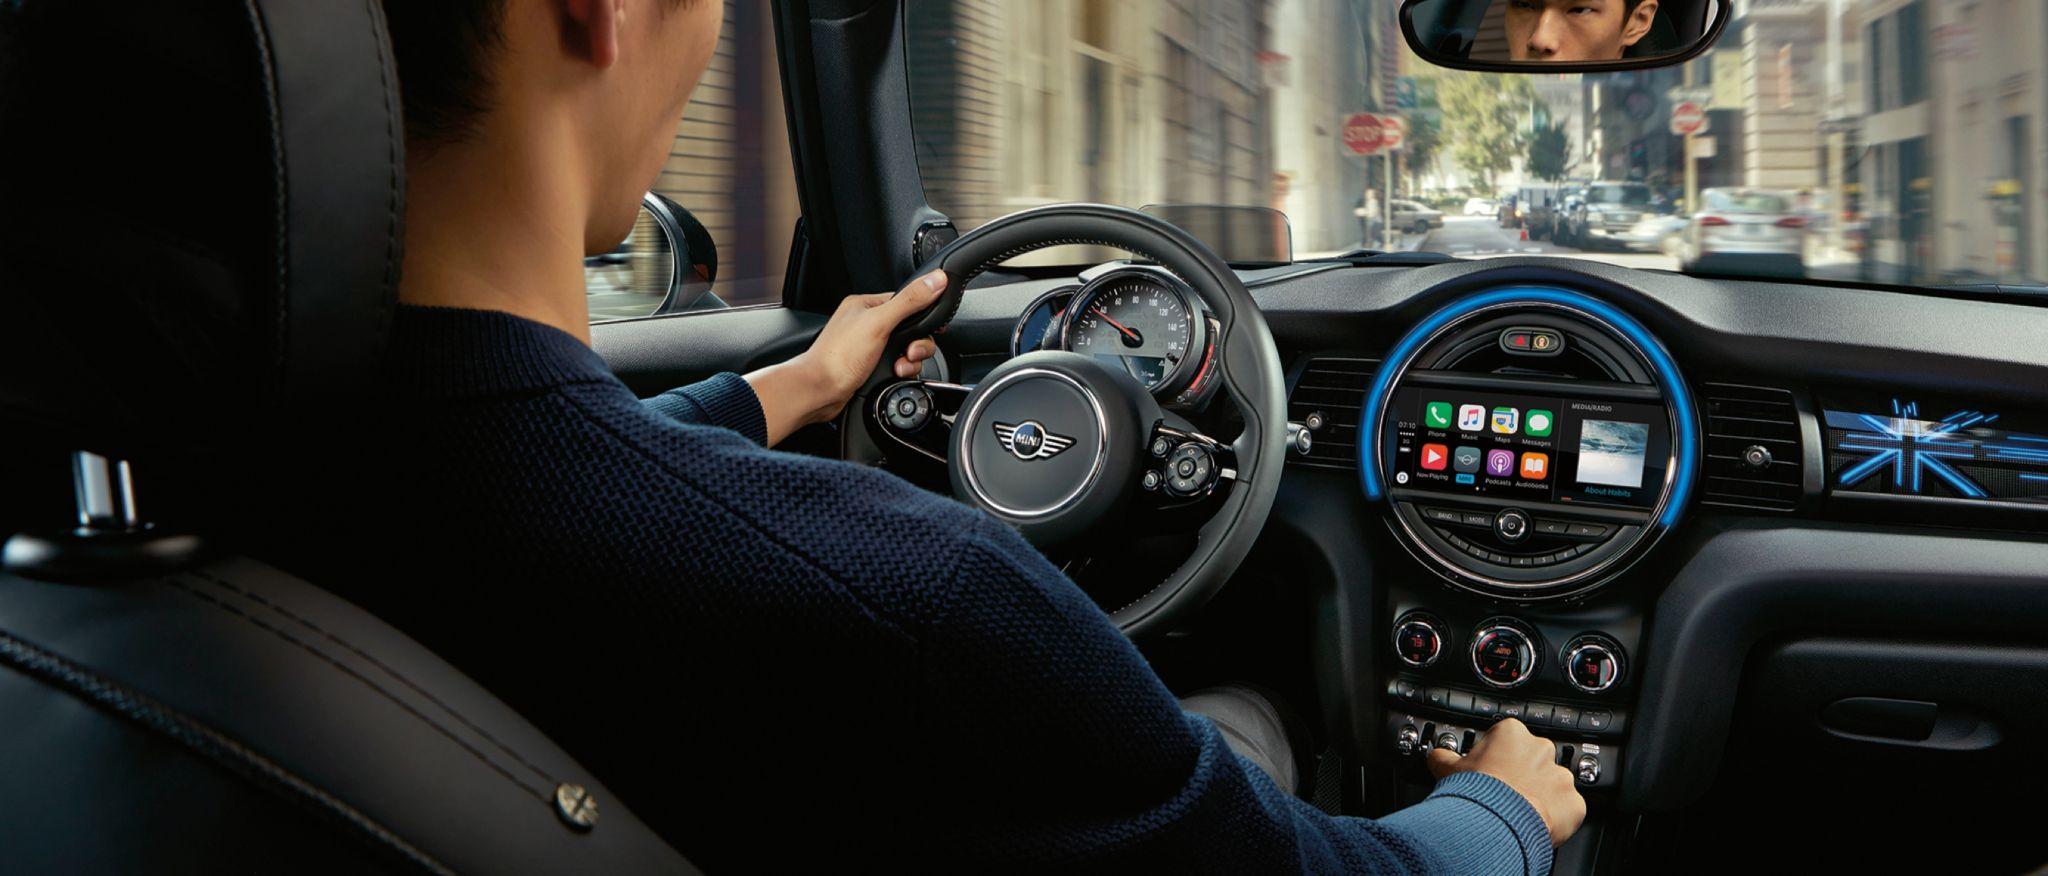 2020 Mini Cooper Hardtop 2 Door Front View Interior Dash Picture